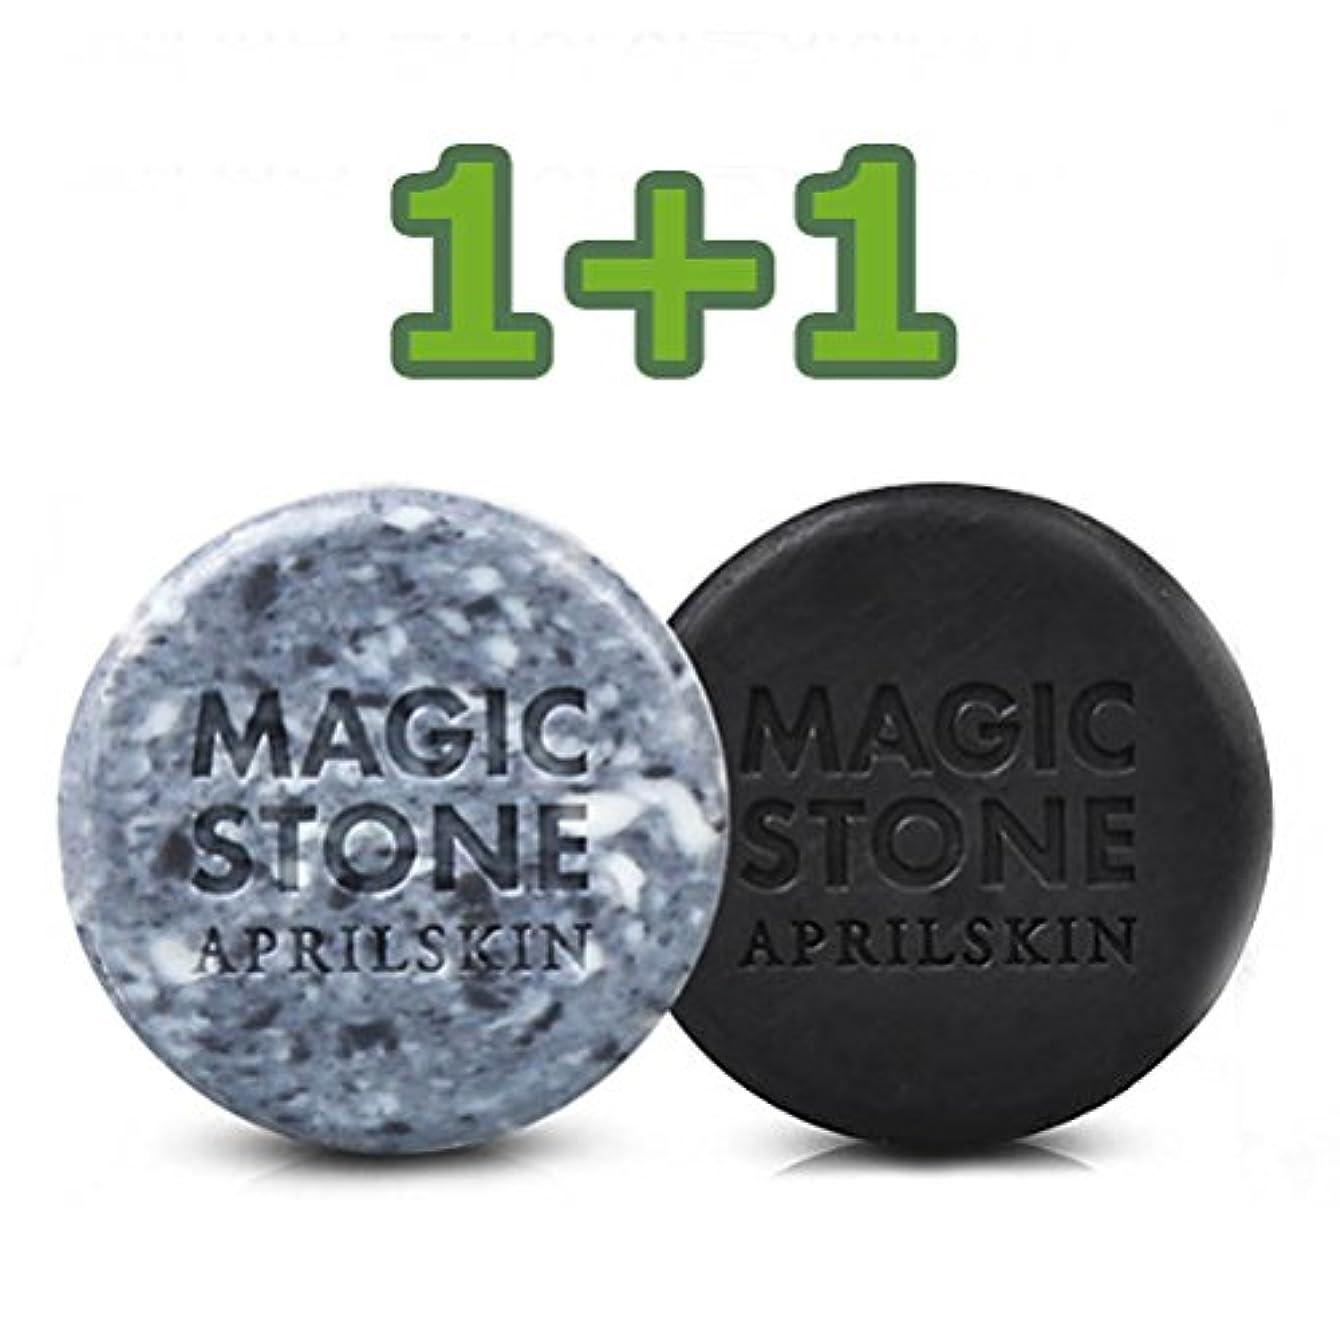 ハブ特別に確認するエイプリルスキン マジックストーンソープ オリジナル&ブラック (Aprilskin Magic Stone Soap Original & Black) 90g * 2個 / 正品?海外直送商品